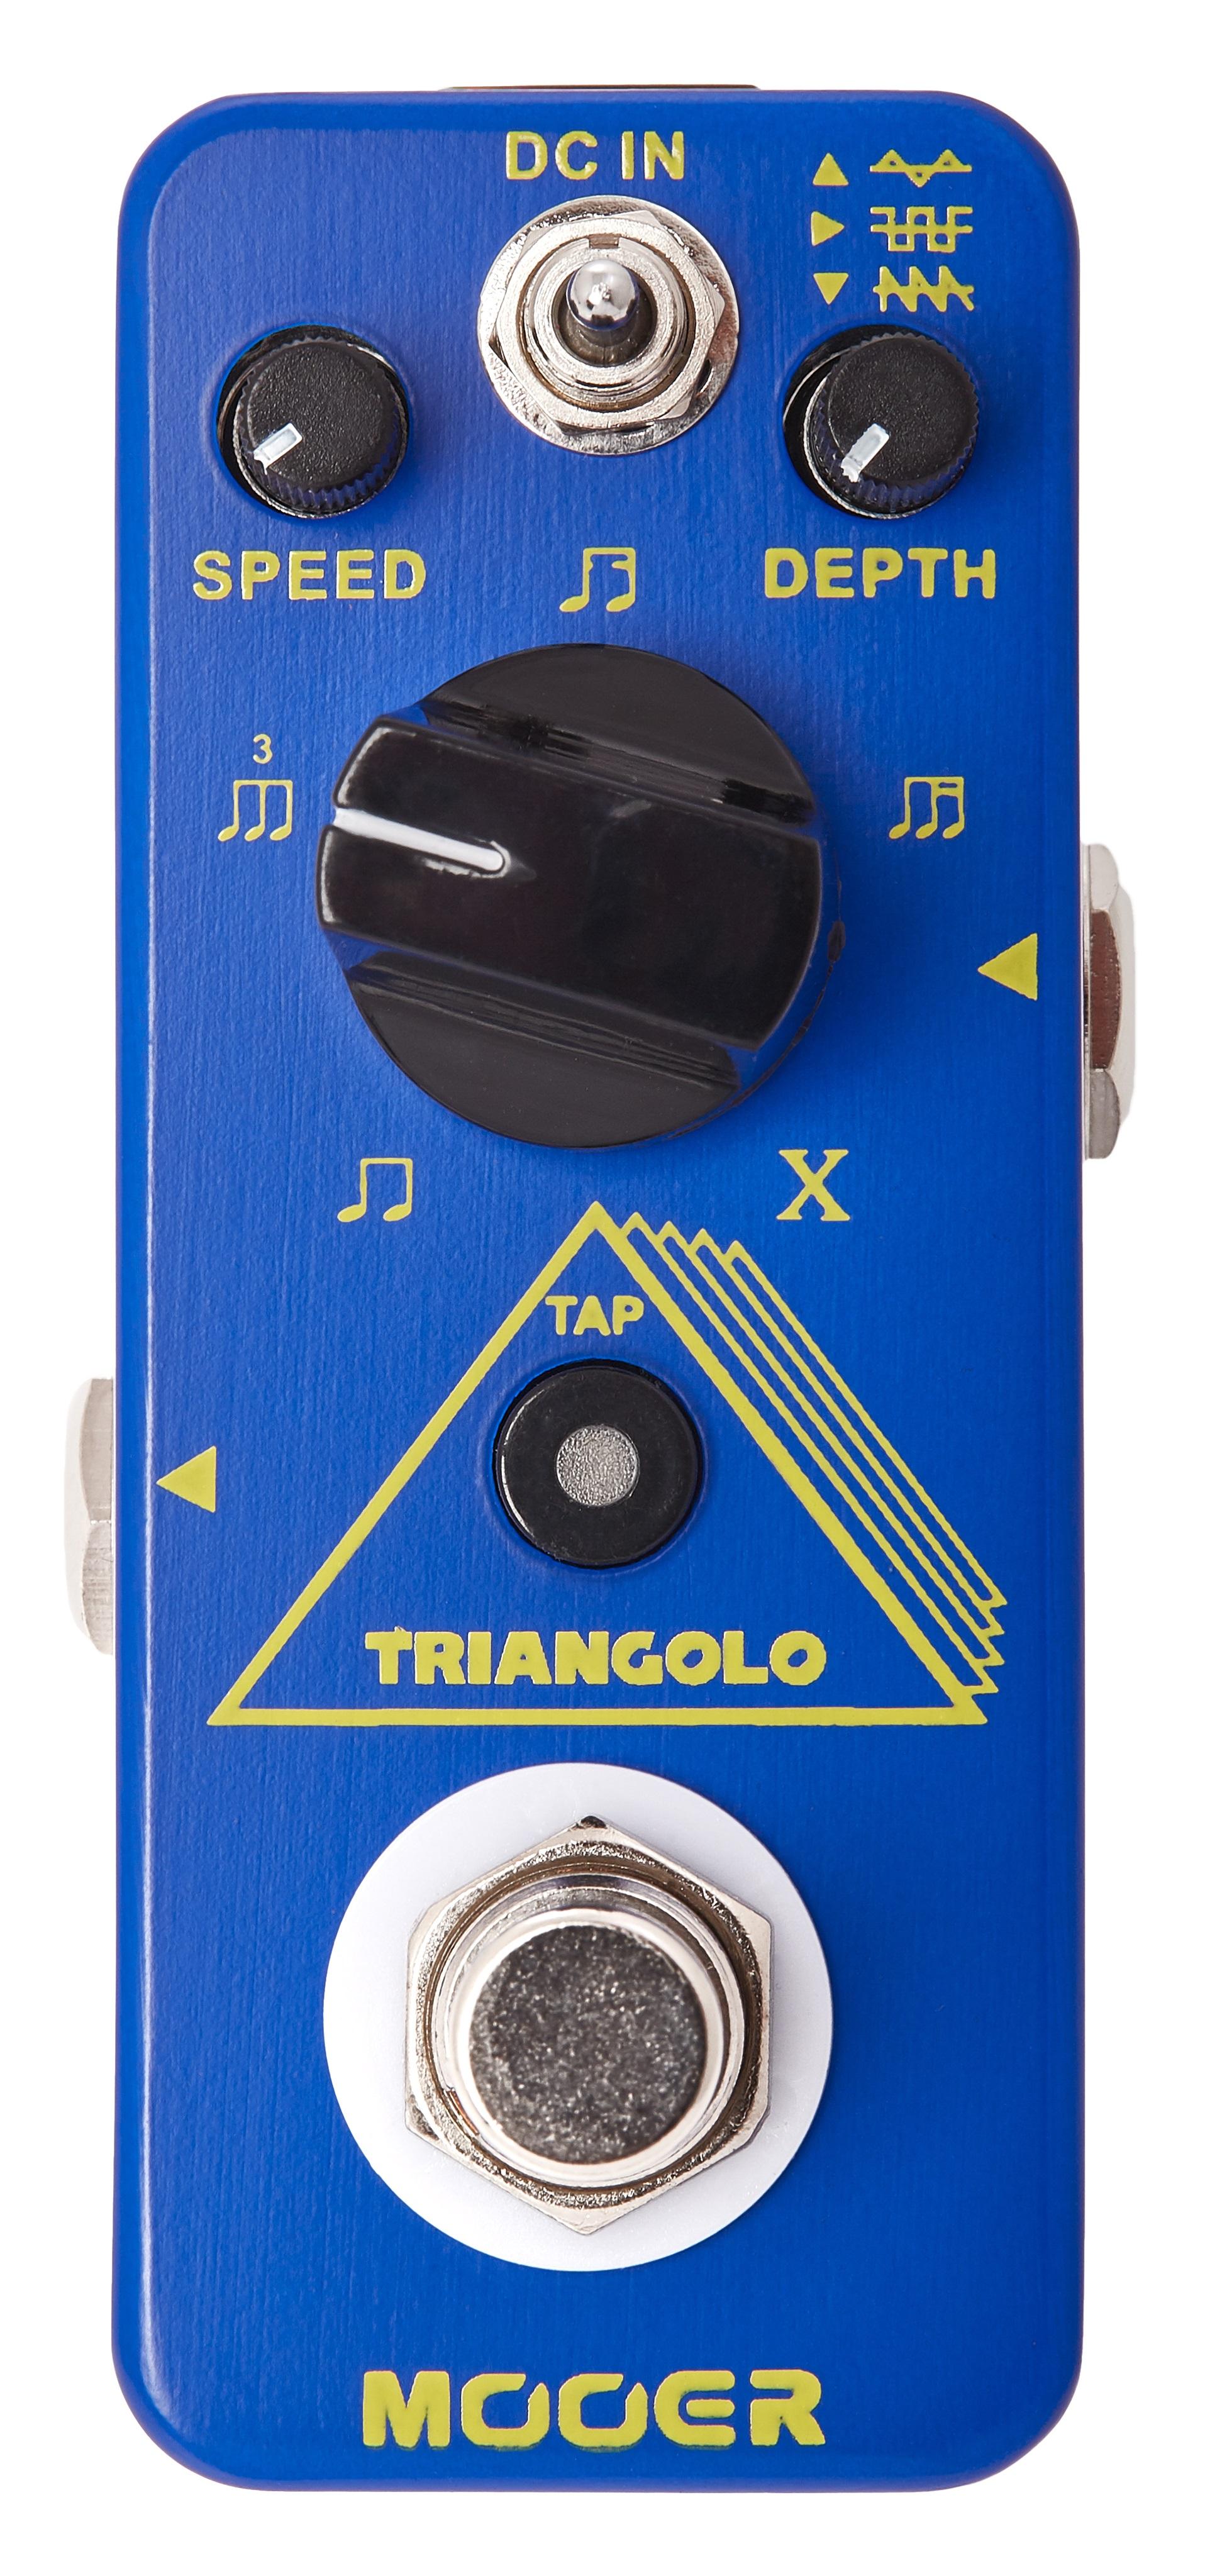 Mooer Triangolo